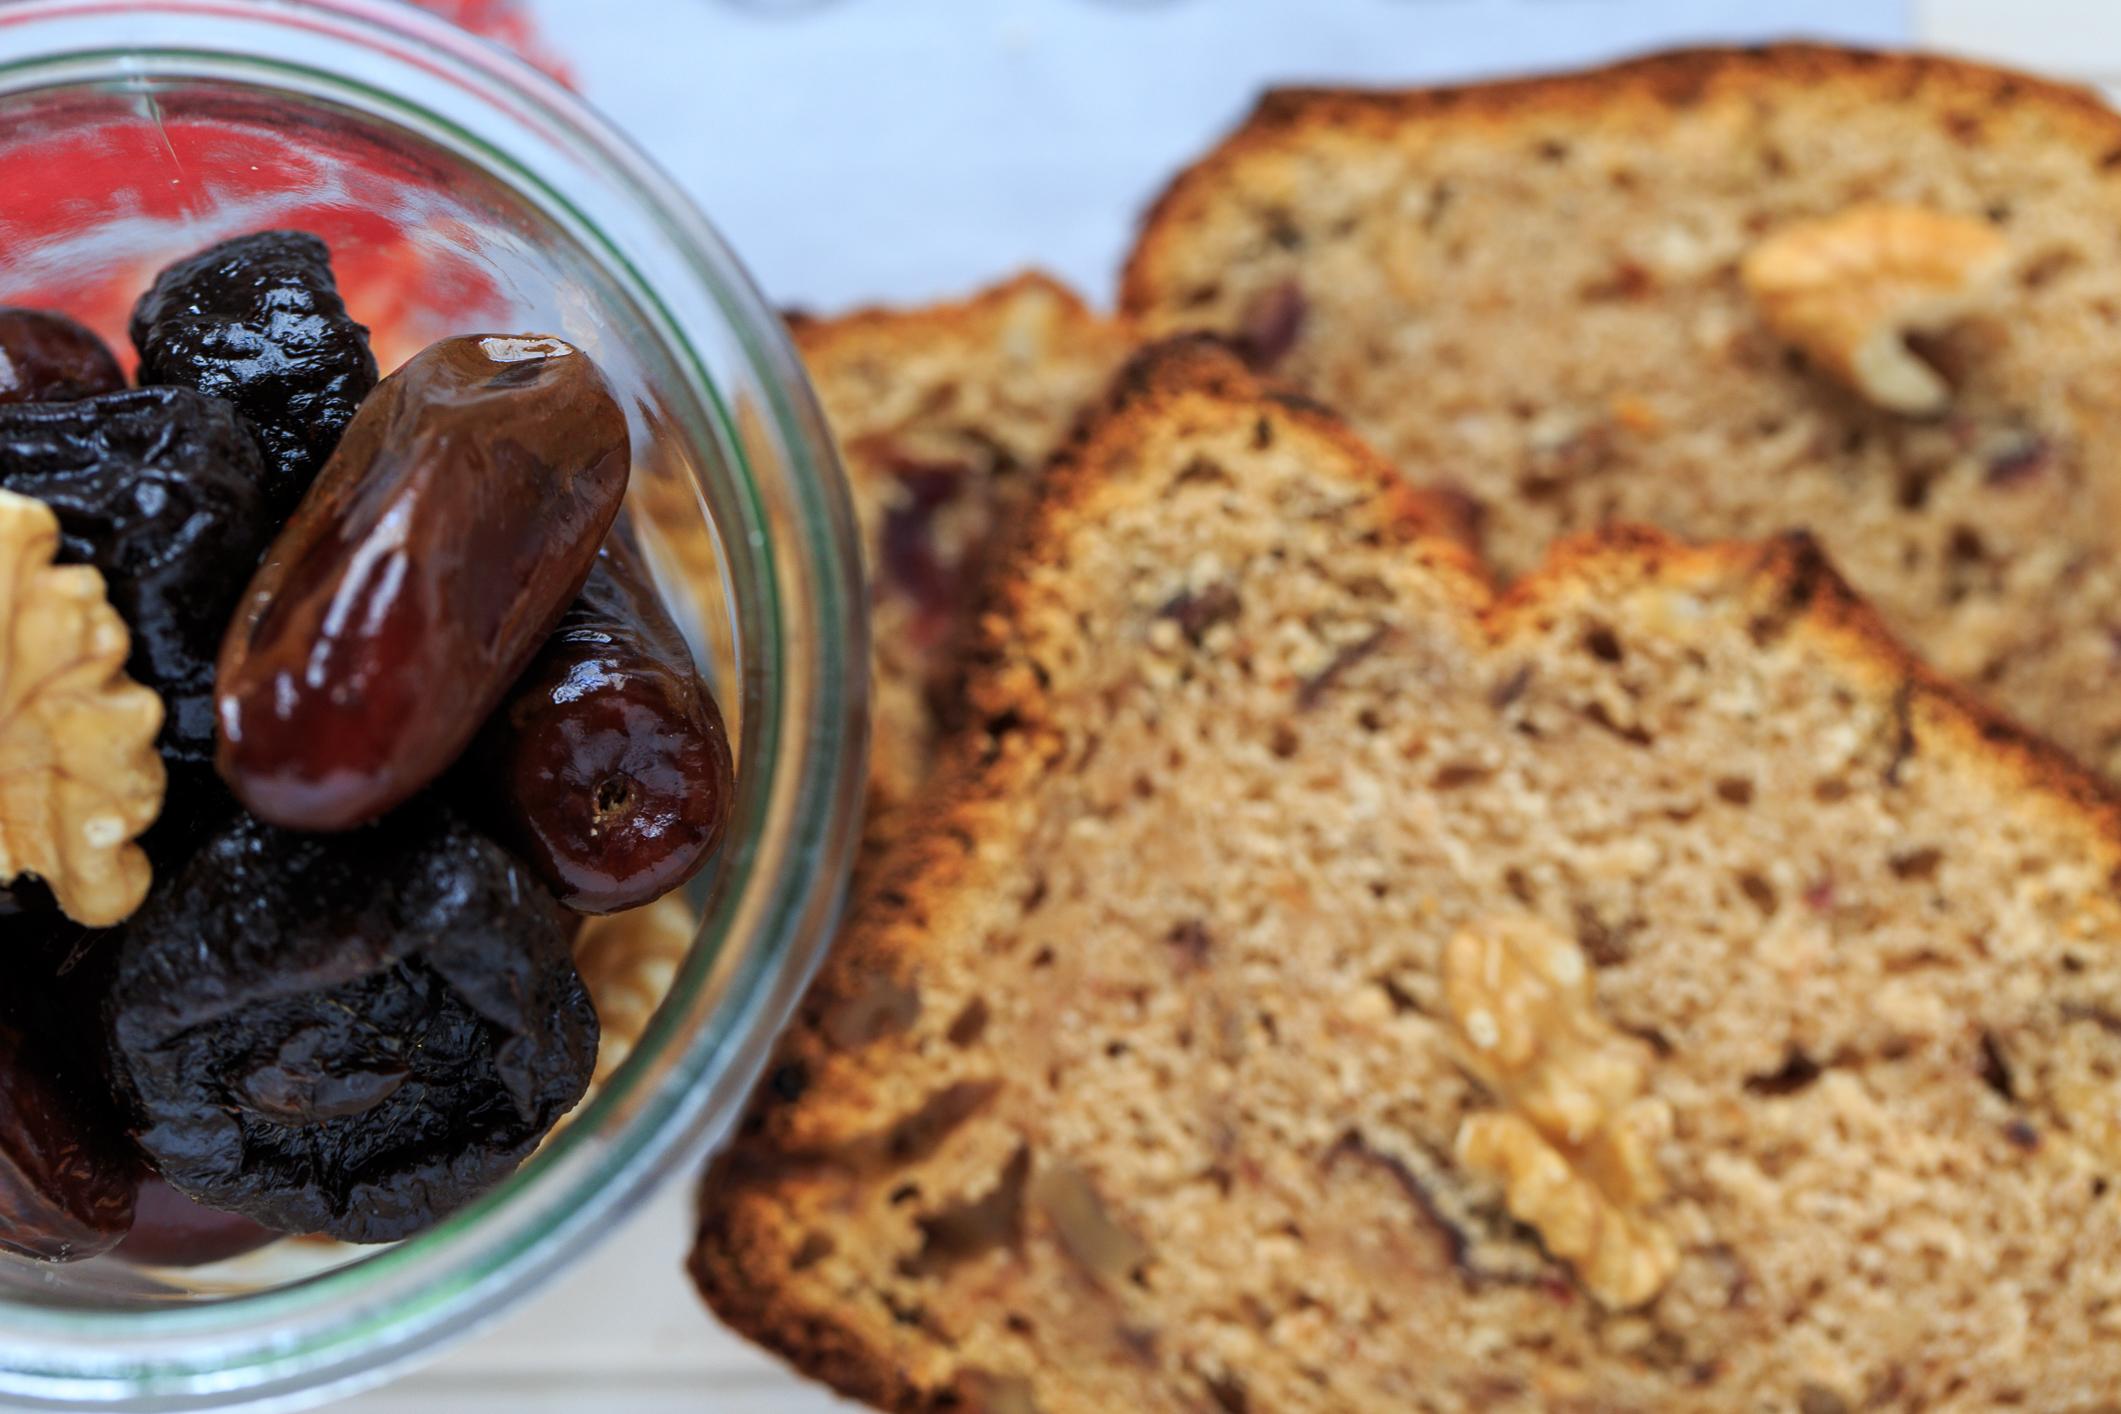 Süßes Brot mit Backpflaumen, Datteln und Walnüssen